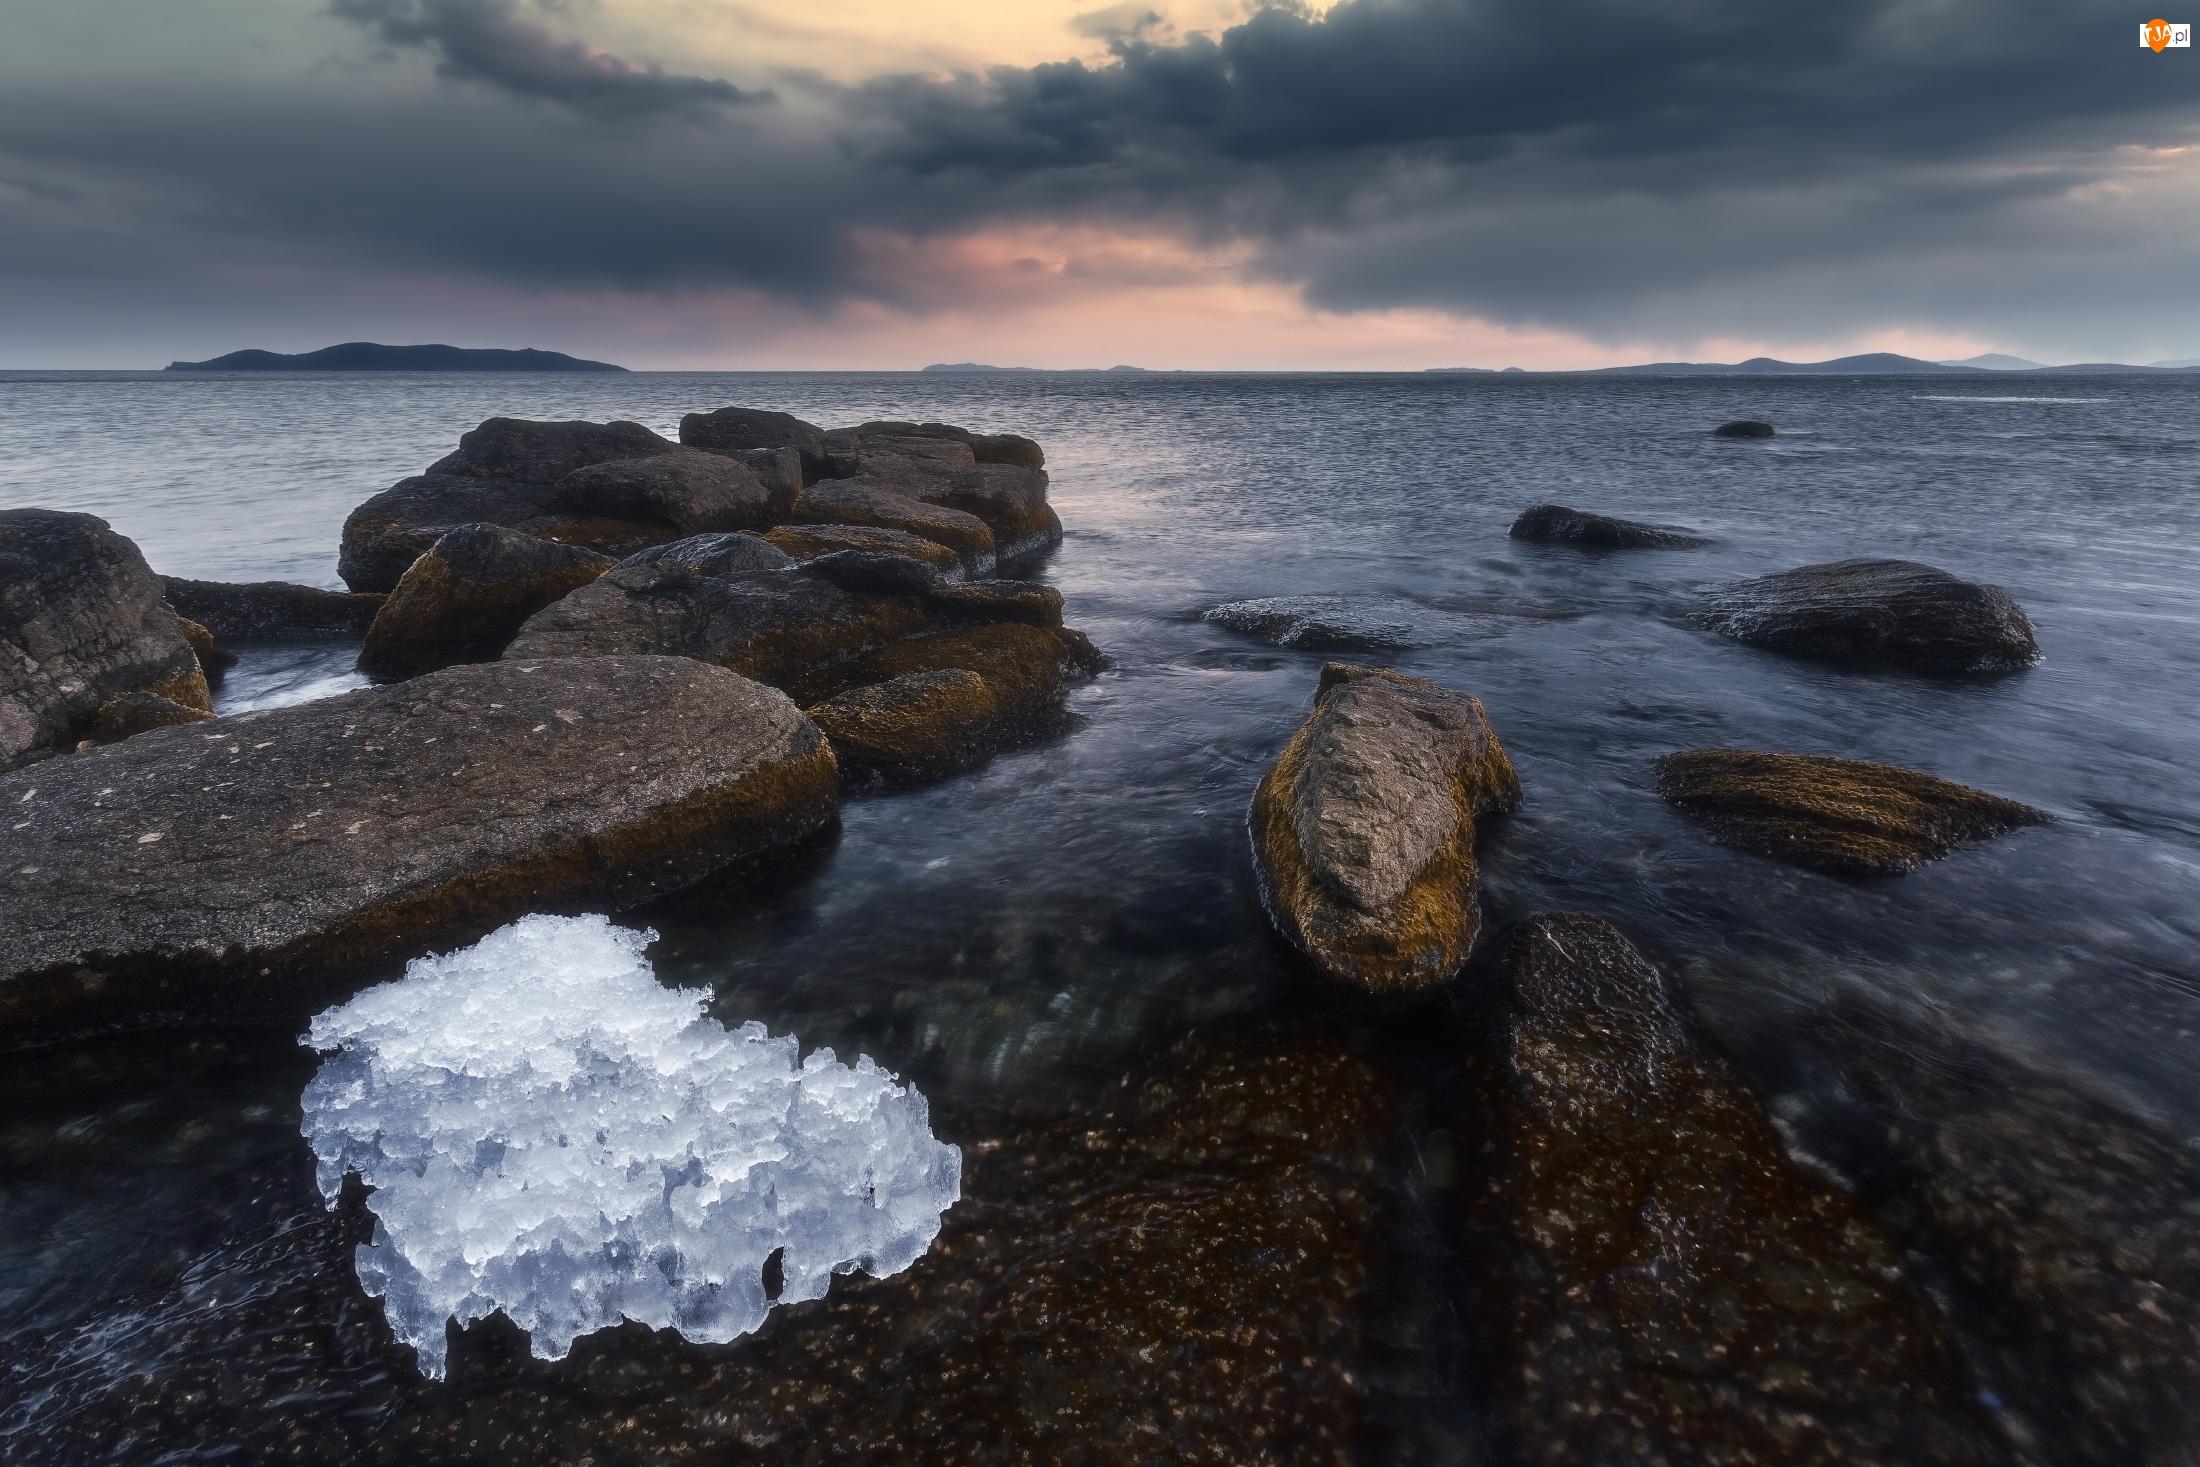 Kamienie, Skały, Rosja, Morze Japońskie, Chmury, Ciemne, Śnieg